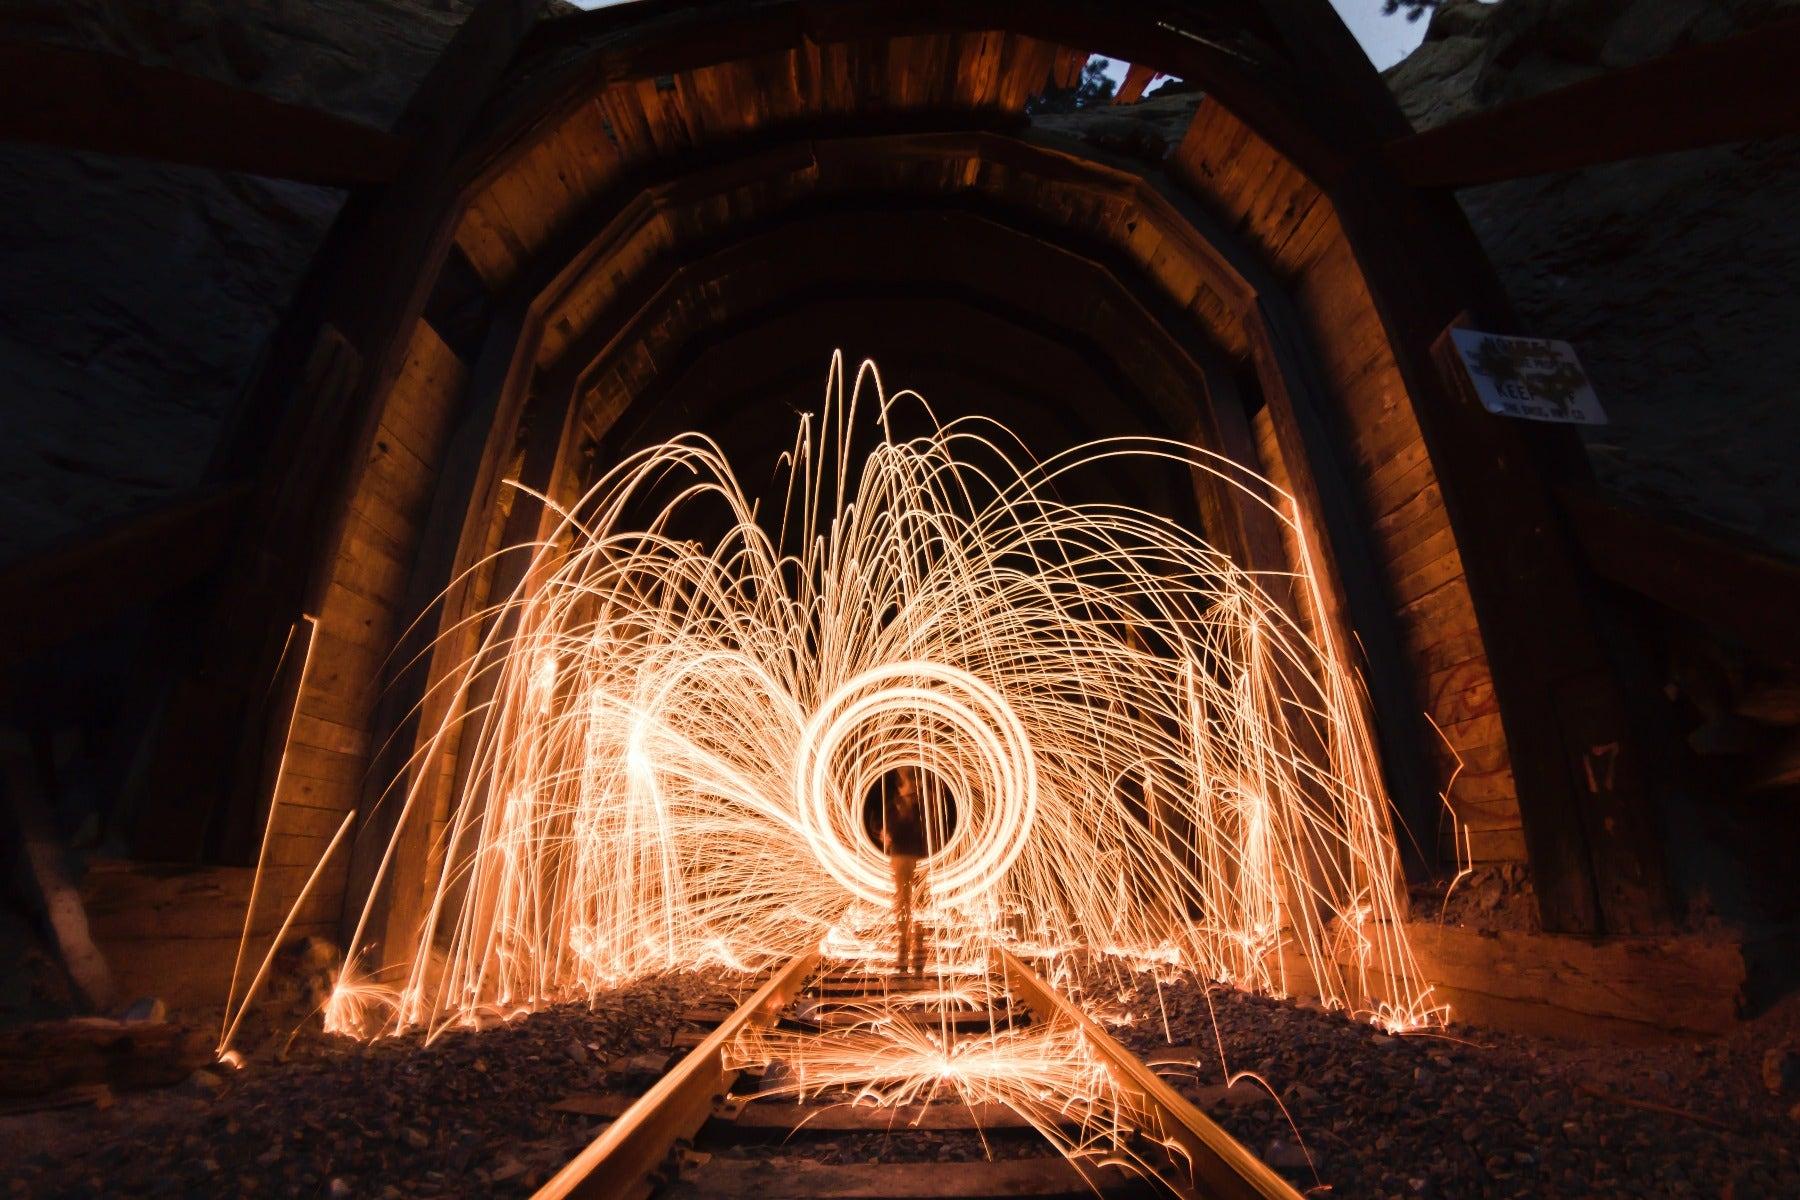 Steel wool with a long shutter speed